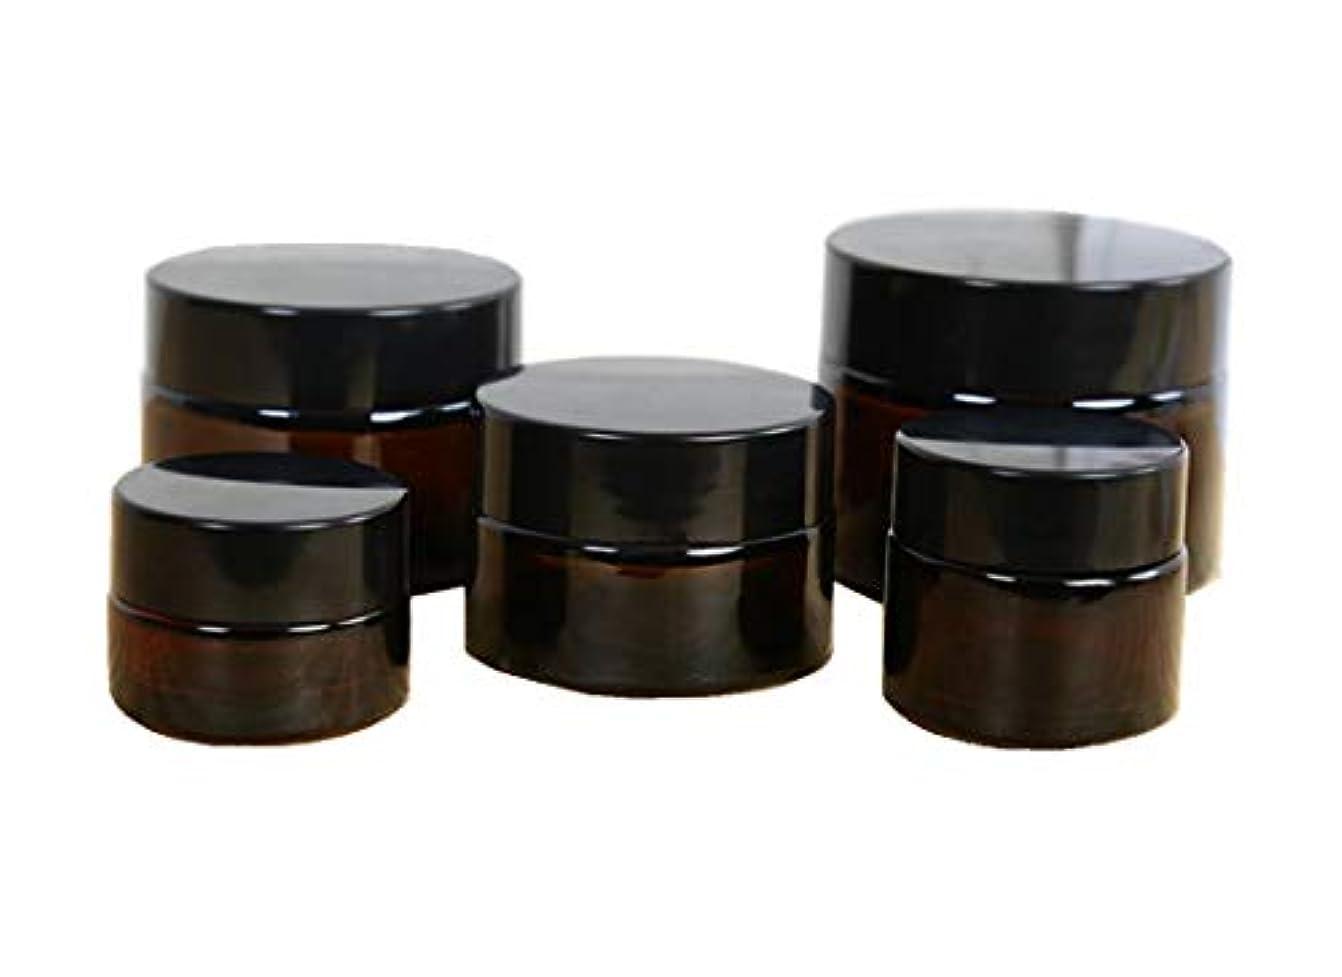 ロールまっすぐ狂人クリーム容器 遮光瓶 ハンドクリーム 容器 ガラス製 ボトル 茶色 詰替え 保存用 10g/20g/30g/50g/100g 5個セット